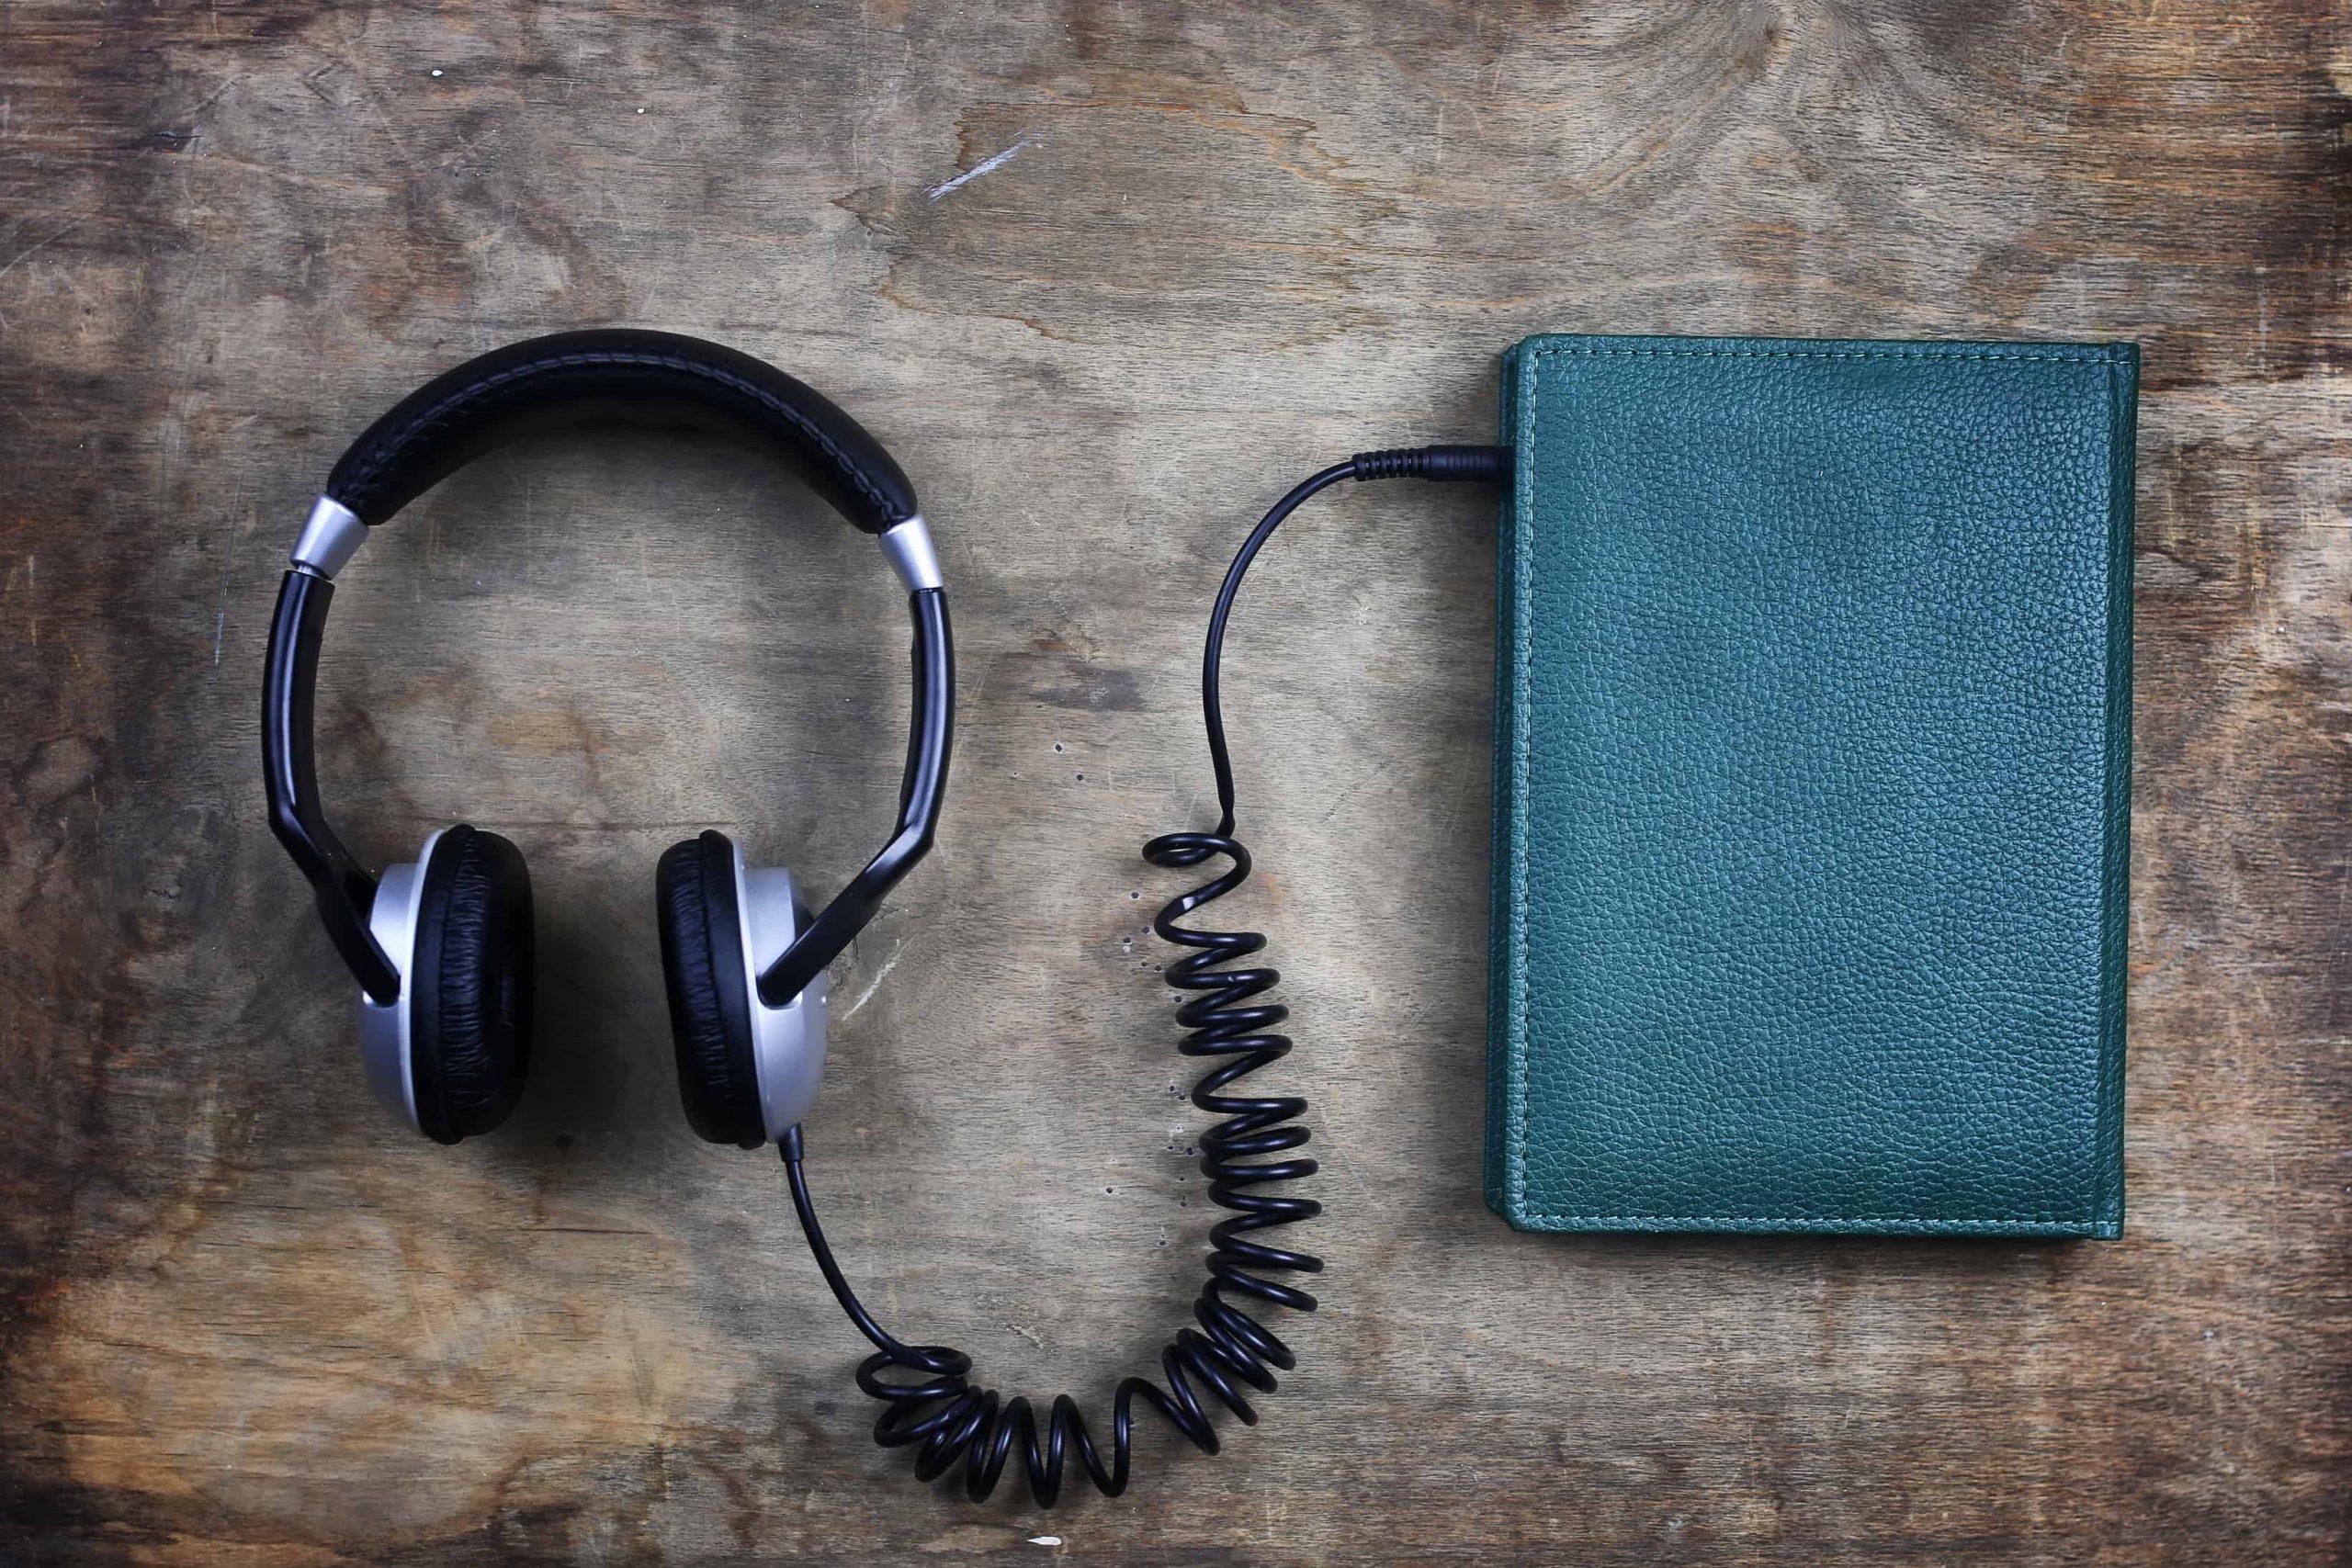 Migliori audiolibri 2020: Guida all'acquisto